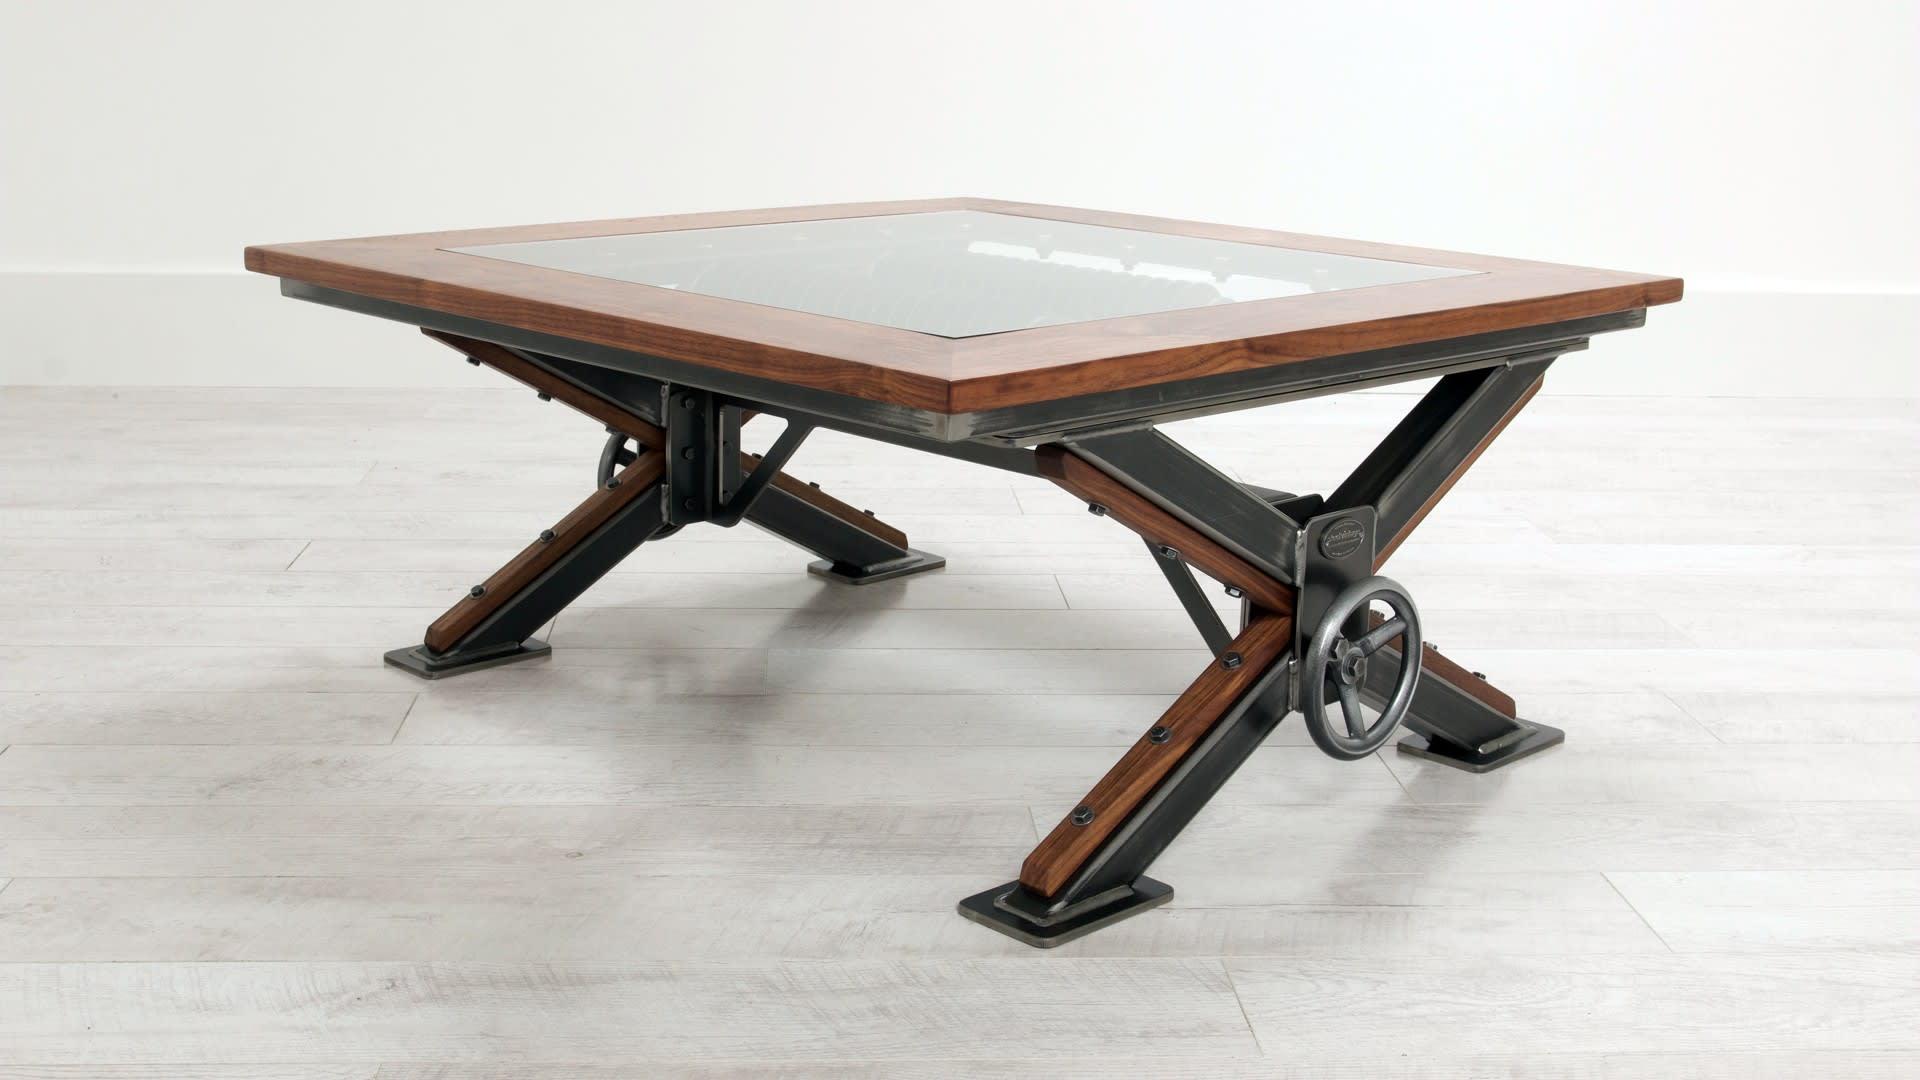 Steel Vintage steampunk coffee table in showroom